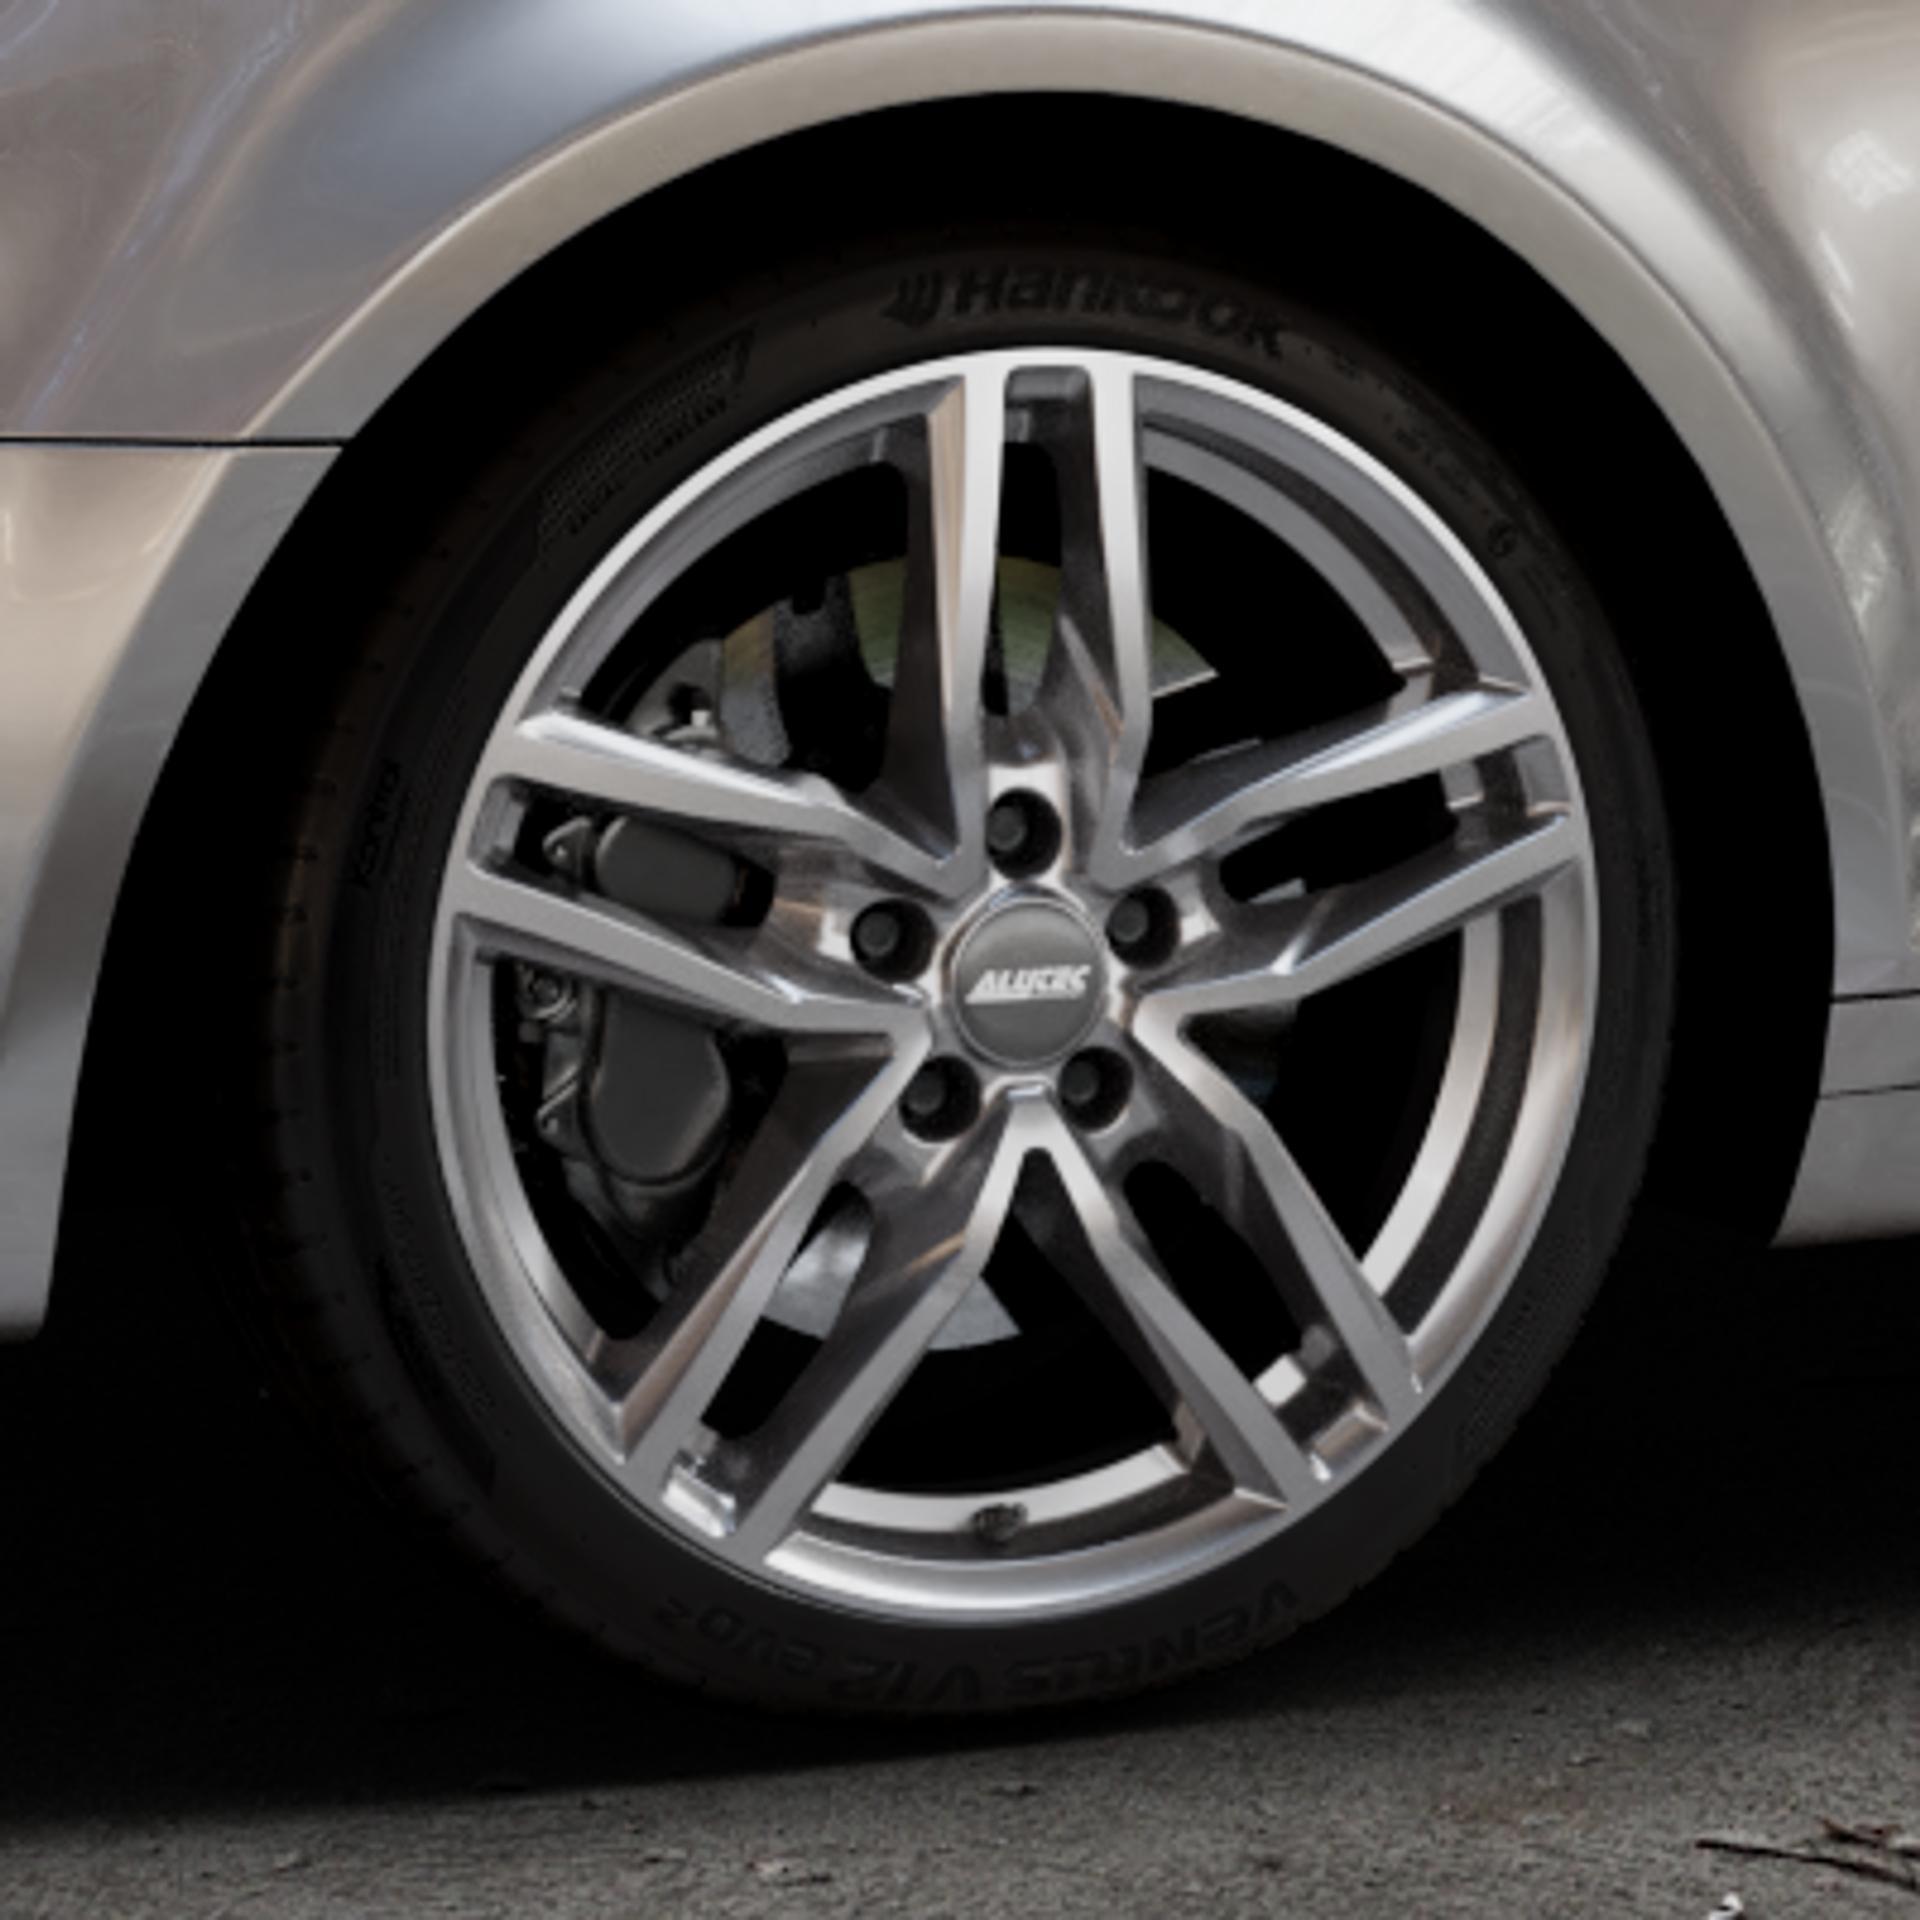 ALUTEC Ikenu metal-grey Felge mit Reifen grau in 18Zoll Winterfelge Alufelge auf silbernem Audi A3 Typ 8P (Sportback) 1,6l 75kW (102 PS) 2,0l FSI 110kW (150 1,9l TDI 77kW (105 103kW (140 TFSI 147kW (200 85kW (116 100kW (136 1,8l 118kW (160 125kW (170 1,4l 92kW (125 120kW (163 quattro 3,2l V6 184kW (250 S3 195kW (265 1,2l 66kW (90